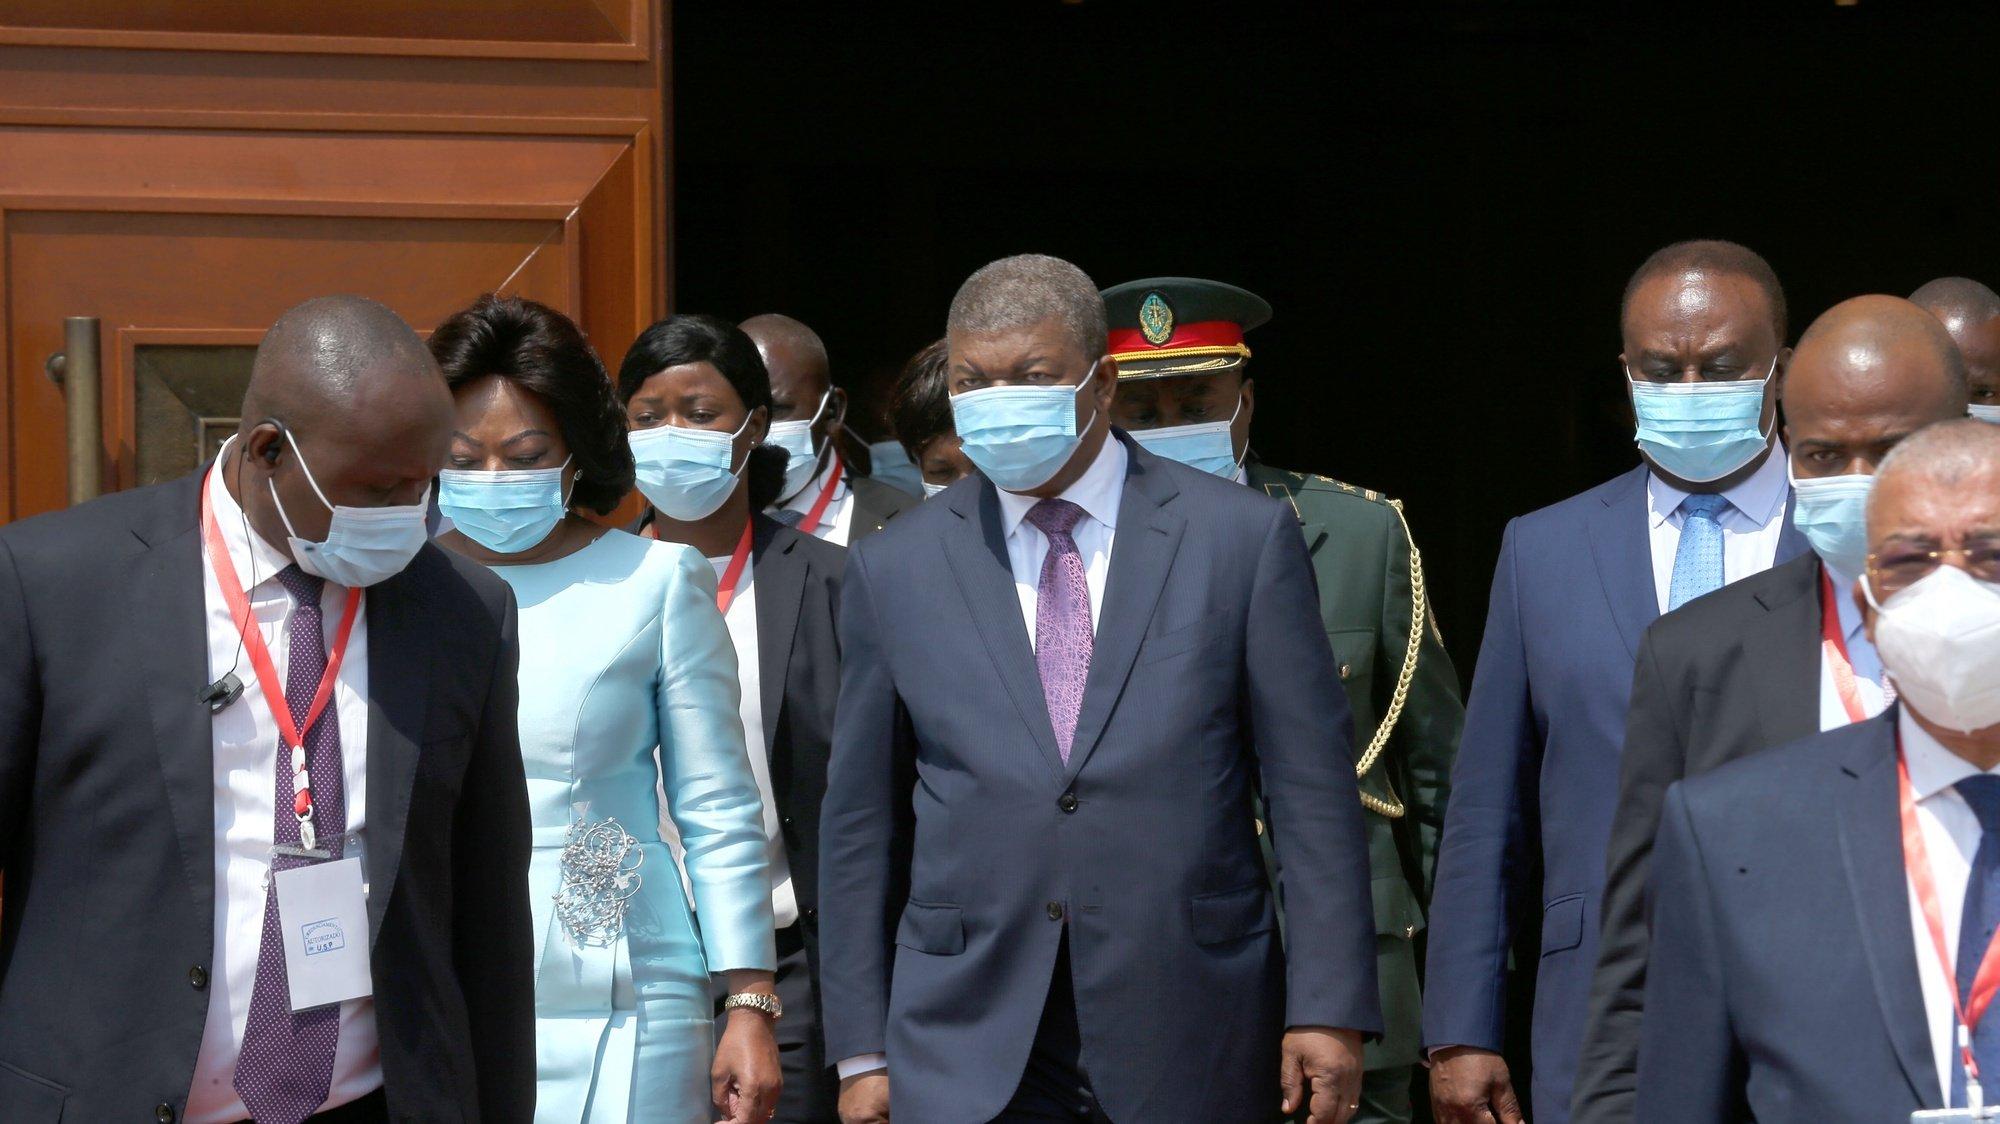 O Presidente da República de Angola, João Lourenço (C), acompanhado pela sua mulher, Ana Dias Lourenço (2-E), e pelo presidente do Parlamento, Fernado da Piedade Dias dos Santos (3-D), à saída da cerimónia de abertura da sessão plenária solene da 5.ª sessão legislativa da 4.ª legislatura da Assembleia Nacional, em Luanda, Angola, 15 de outubro de 2021. Na sua mensagem à nação, que marcou hoje a abertura do ano parlamentar, João Lourenço afirmou que, no corrente ano, foram recuperados quase 5.000 milhões de dólares (4.300 milhões de euros), em dinheiro, bens, património ou participações sociais, dos quais 2.100 milhões de dólares (1.800 milhões de euros) foram concretizados no estrangeiro. AMPE ROGÉRIO/LUSA